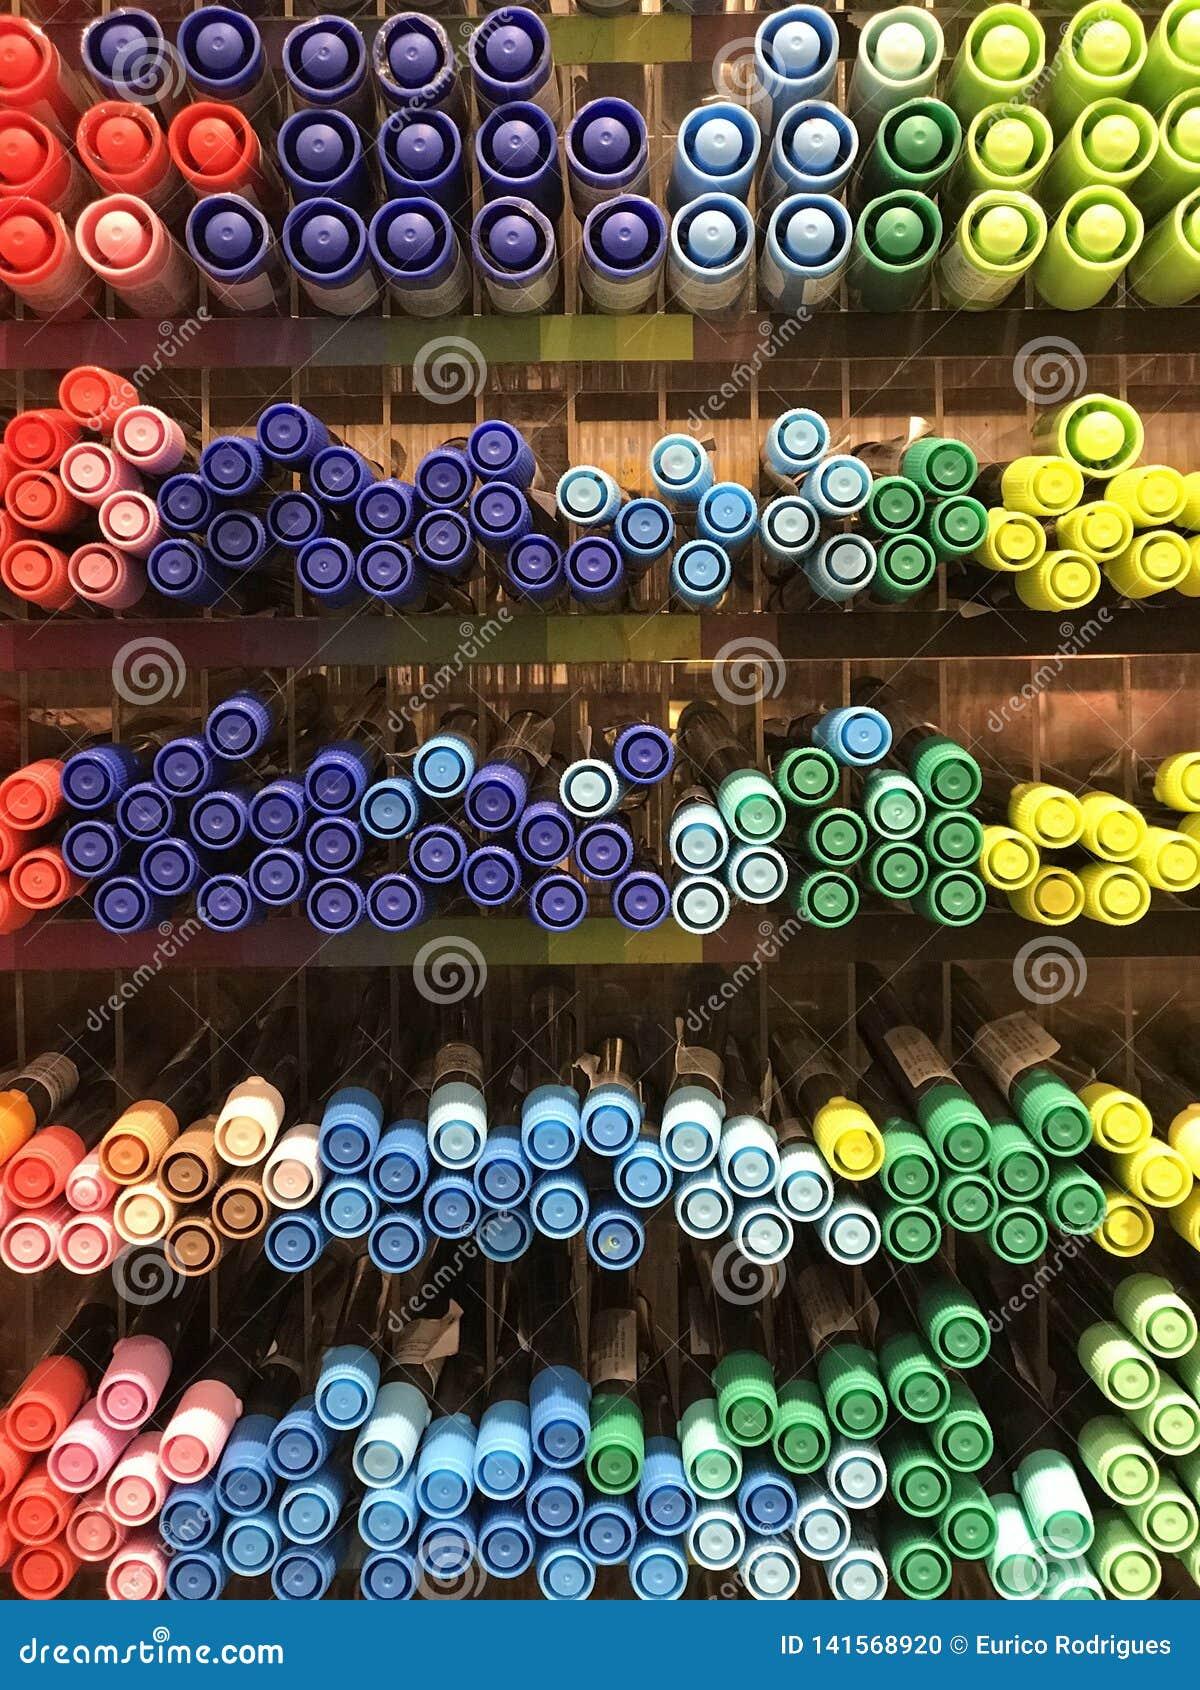 Interiores de la tienda de Miniso - efectos de escritorio y plumas